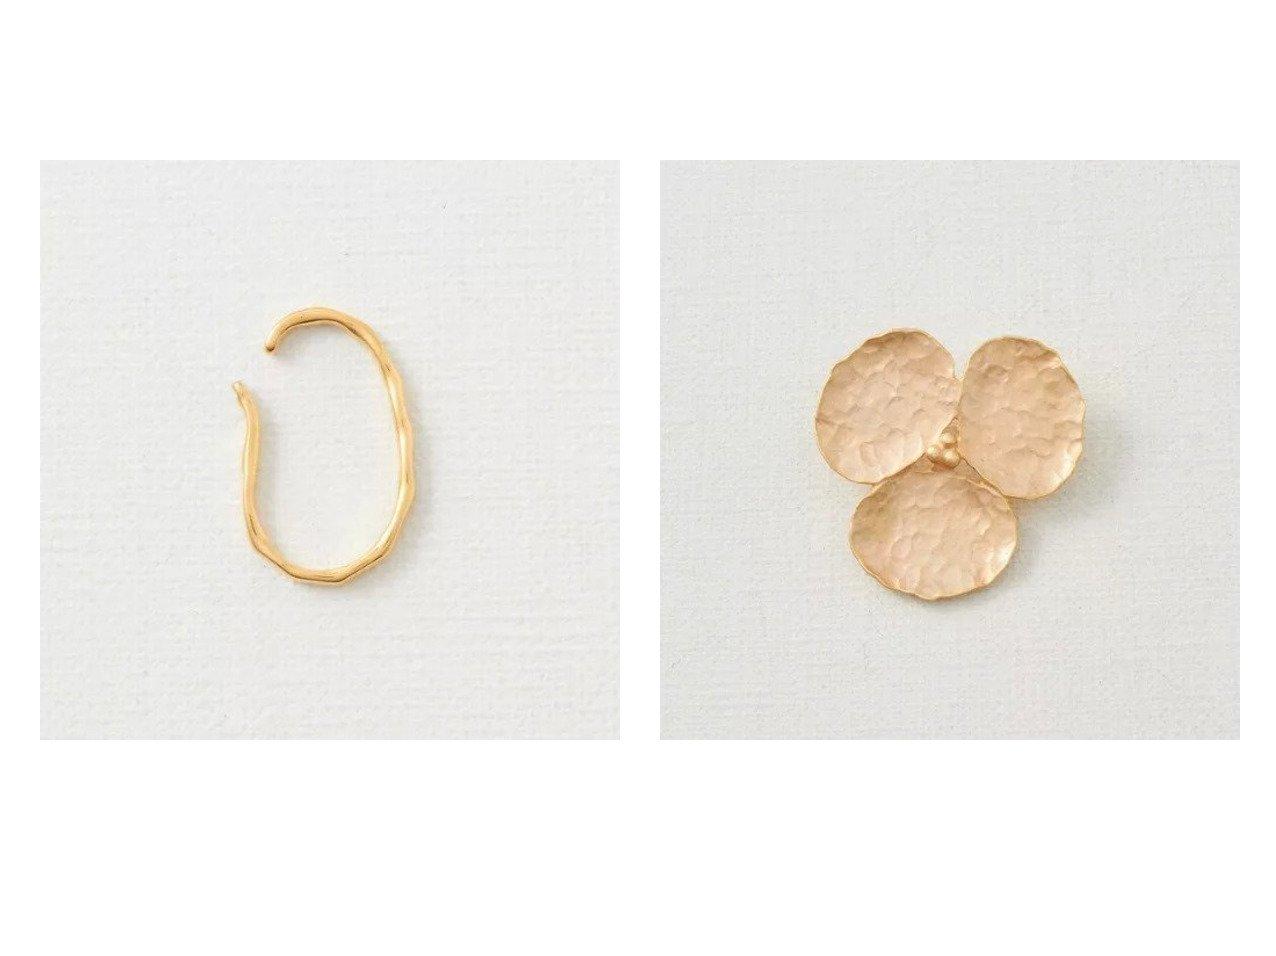 【collex/コレックス】の【ピッシェアンス】WAVE Line ear cuff(gol&【ピッシェアンス】Flower Hammered finish おすすめ!人気、トレンド・レディースファッションの通販  おすすめで人気の流行・トレンド、ファッションの通販商品 メンズファッション・キッズファッション・インテリア・家具・レディースファッション・服の通販 founy(ファニー) https://founy.com/ ファッション Fashion レディースファッション WOMEN アクセサリー イヤリング コーティング シルバー シンプル スエード テクスチャー フープ ポーチ アンティーク フラワー ブローチ プレート メタル モチーフ |ID:crp329100000014607